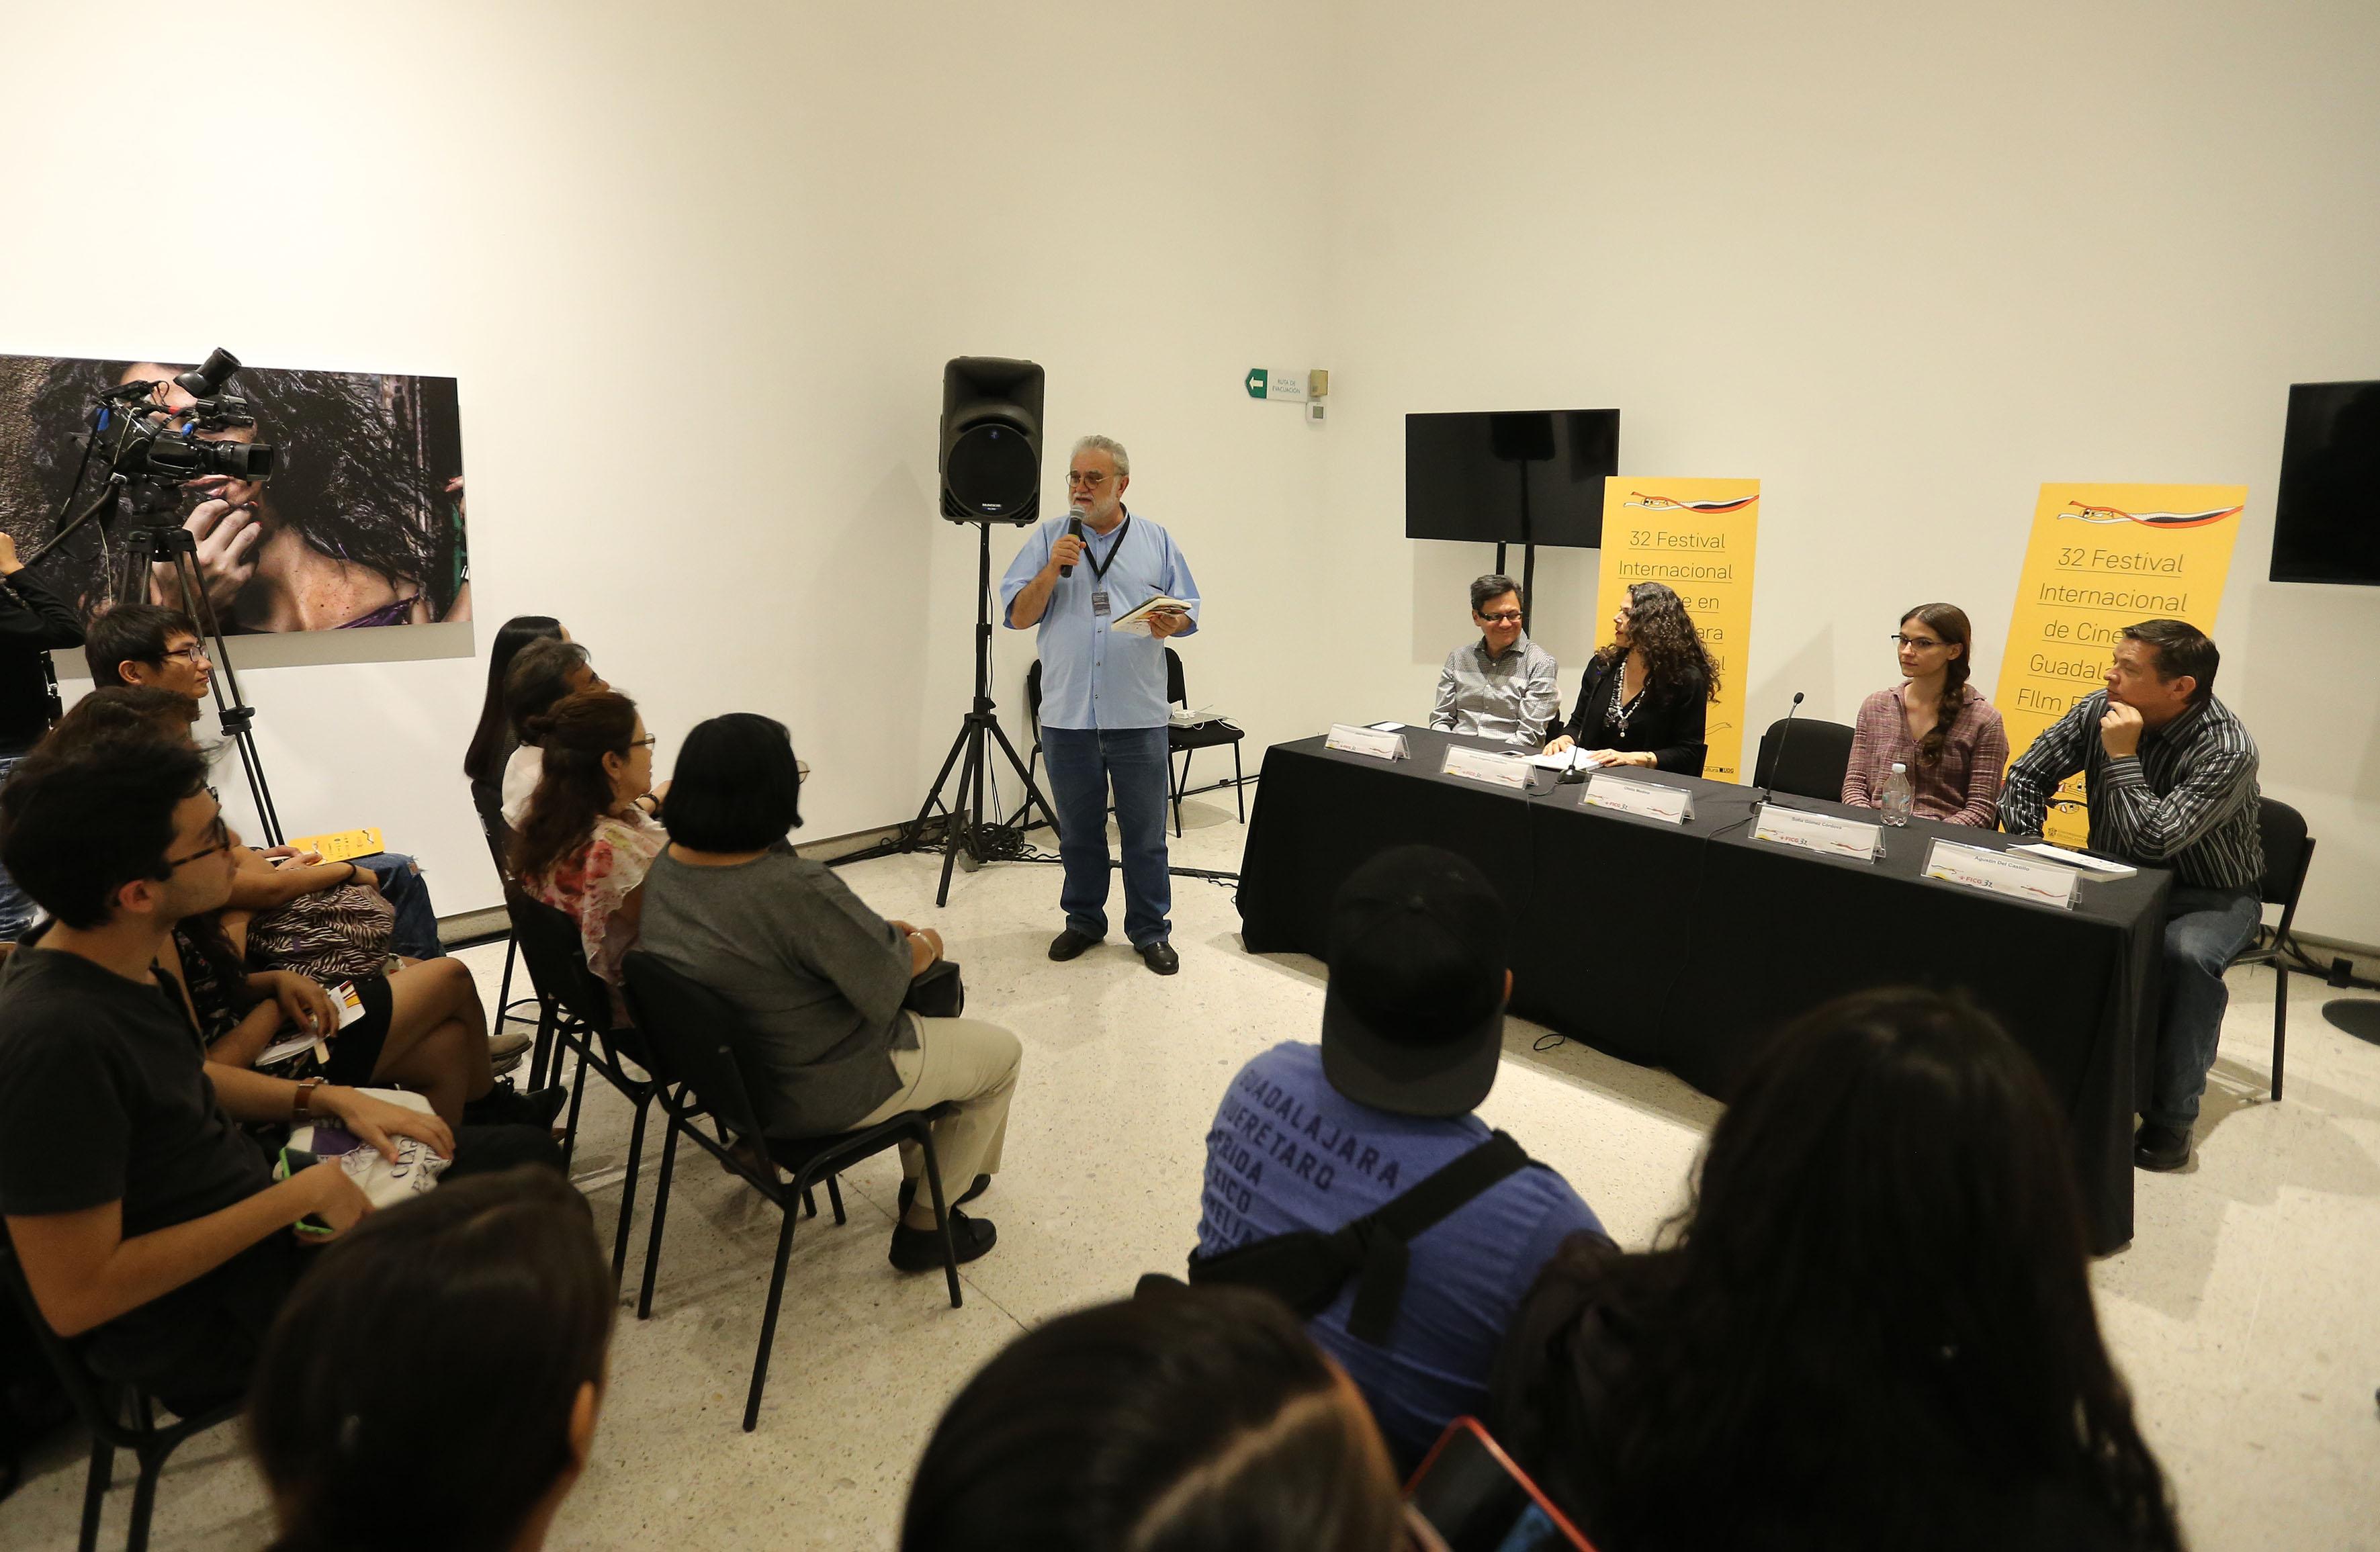 Presentación numero 86 de la revista literaria de la Universidad de Guadalajara (UdeG), en el marco del 32 Festival Internacional de Cine en Guadalajara (FICG)